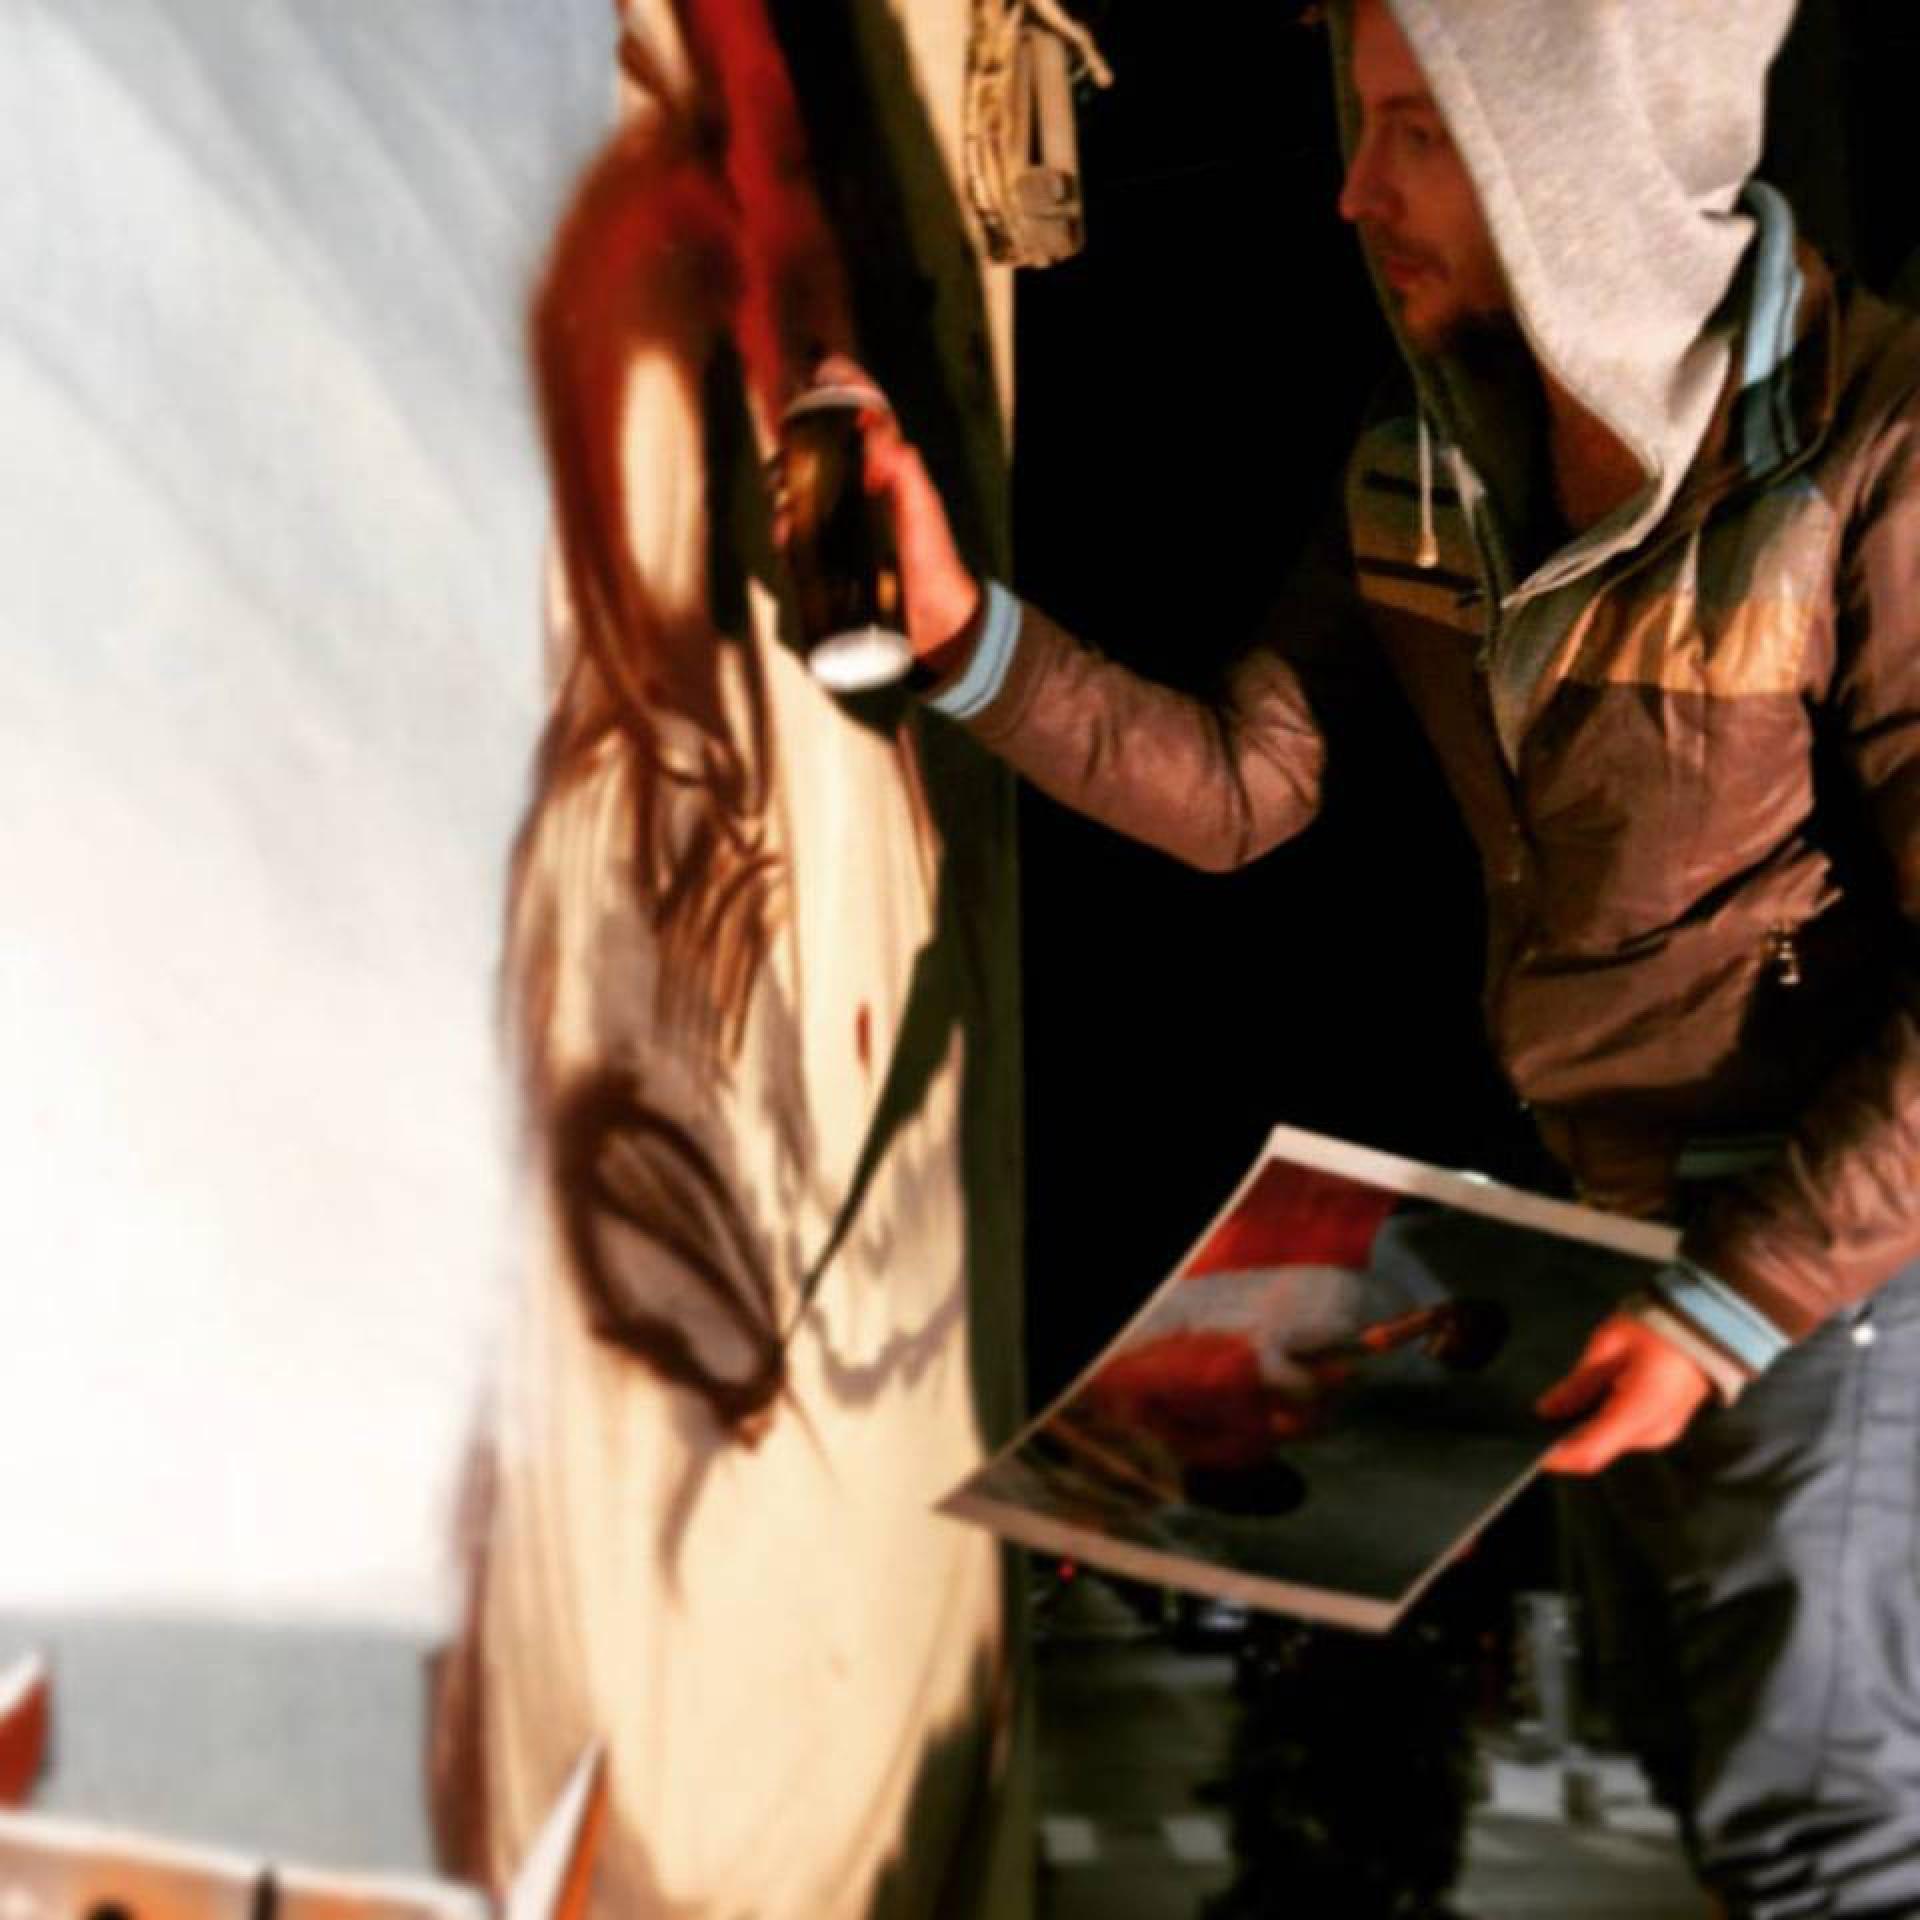 Hustlin' Vandals: Recis, Sweet Damage Crew